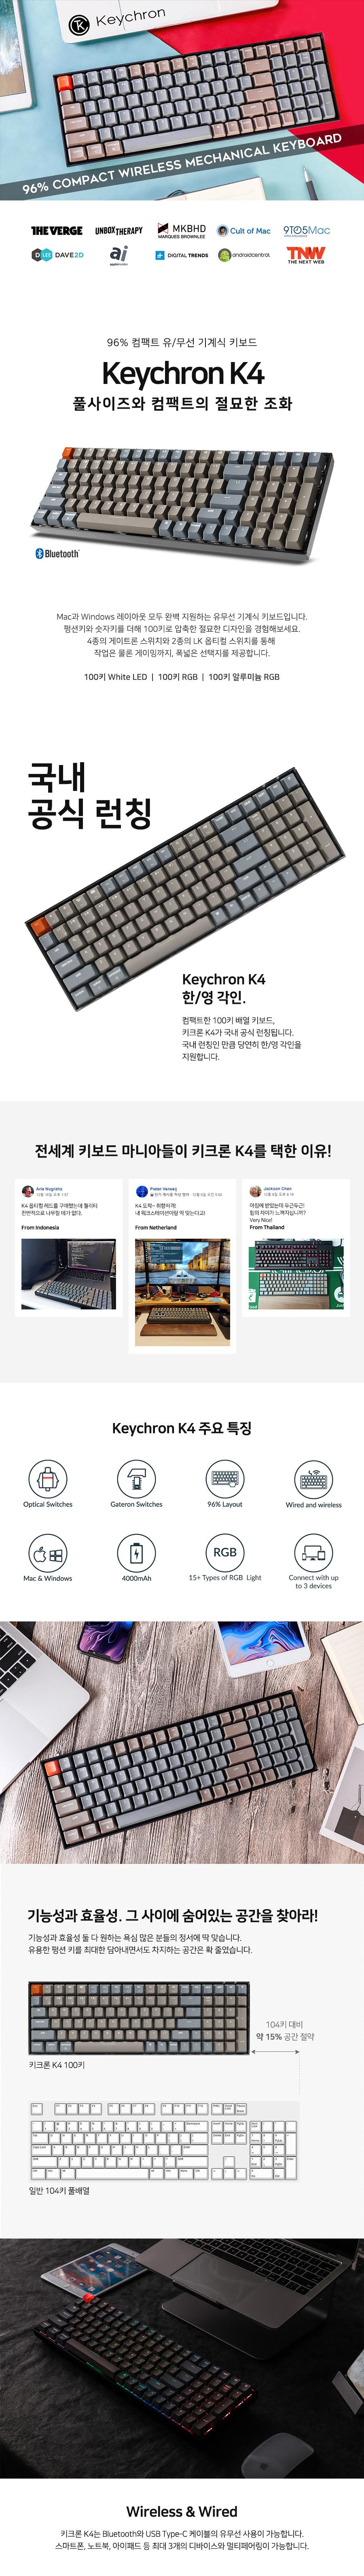 kicronk4_na1.jpg